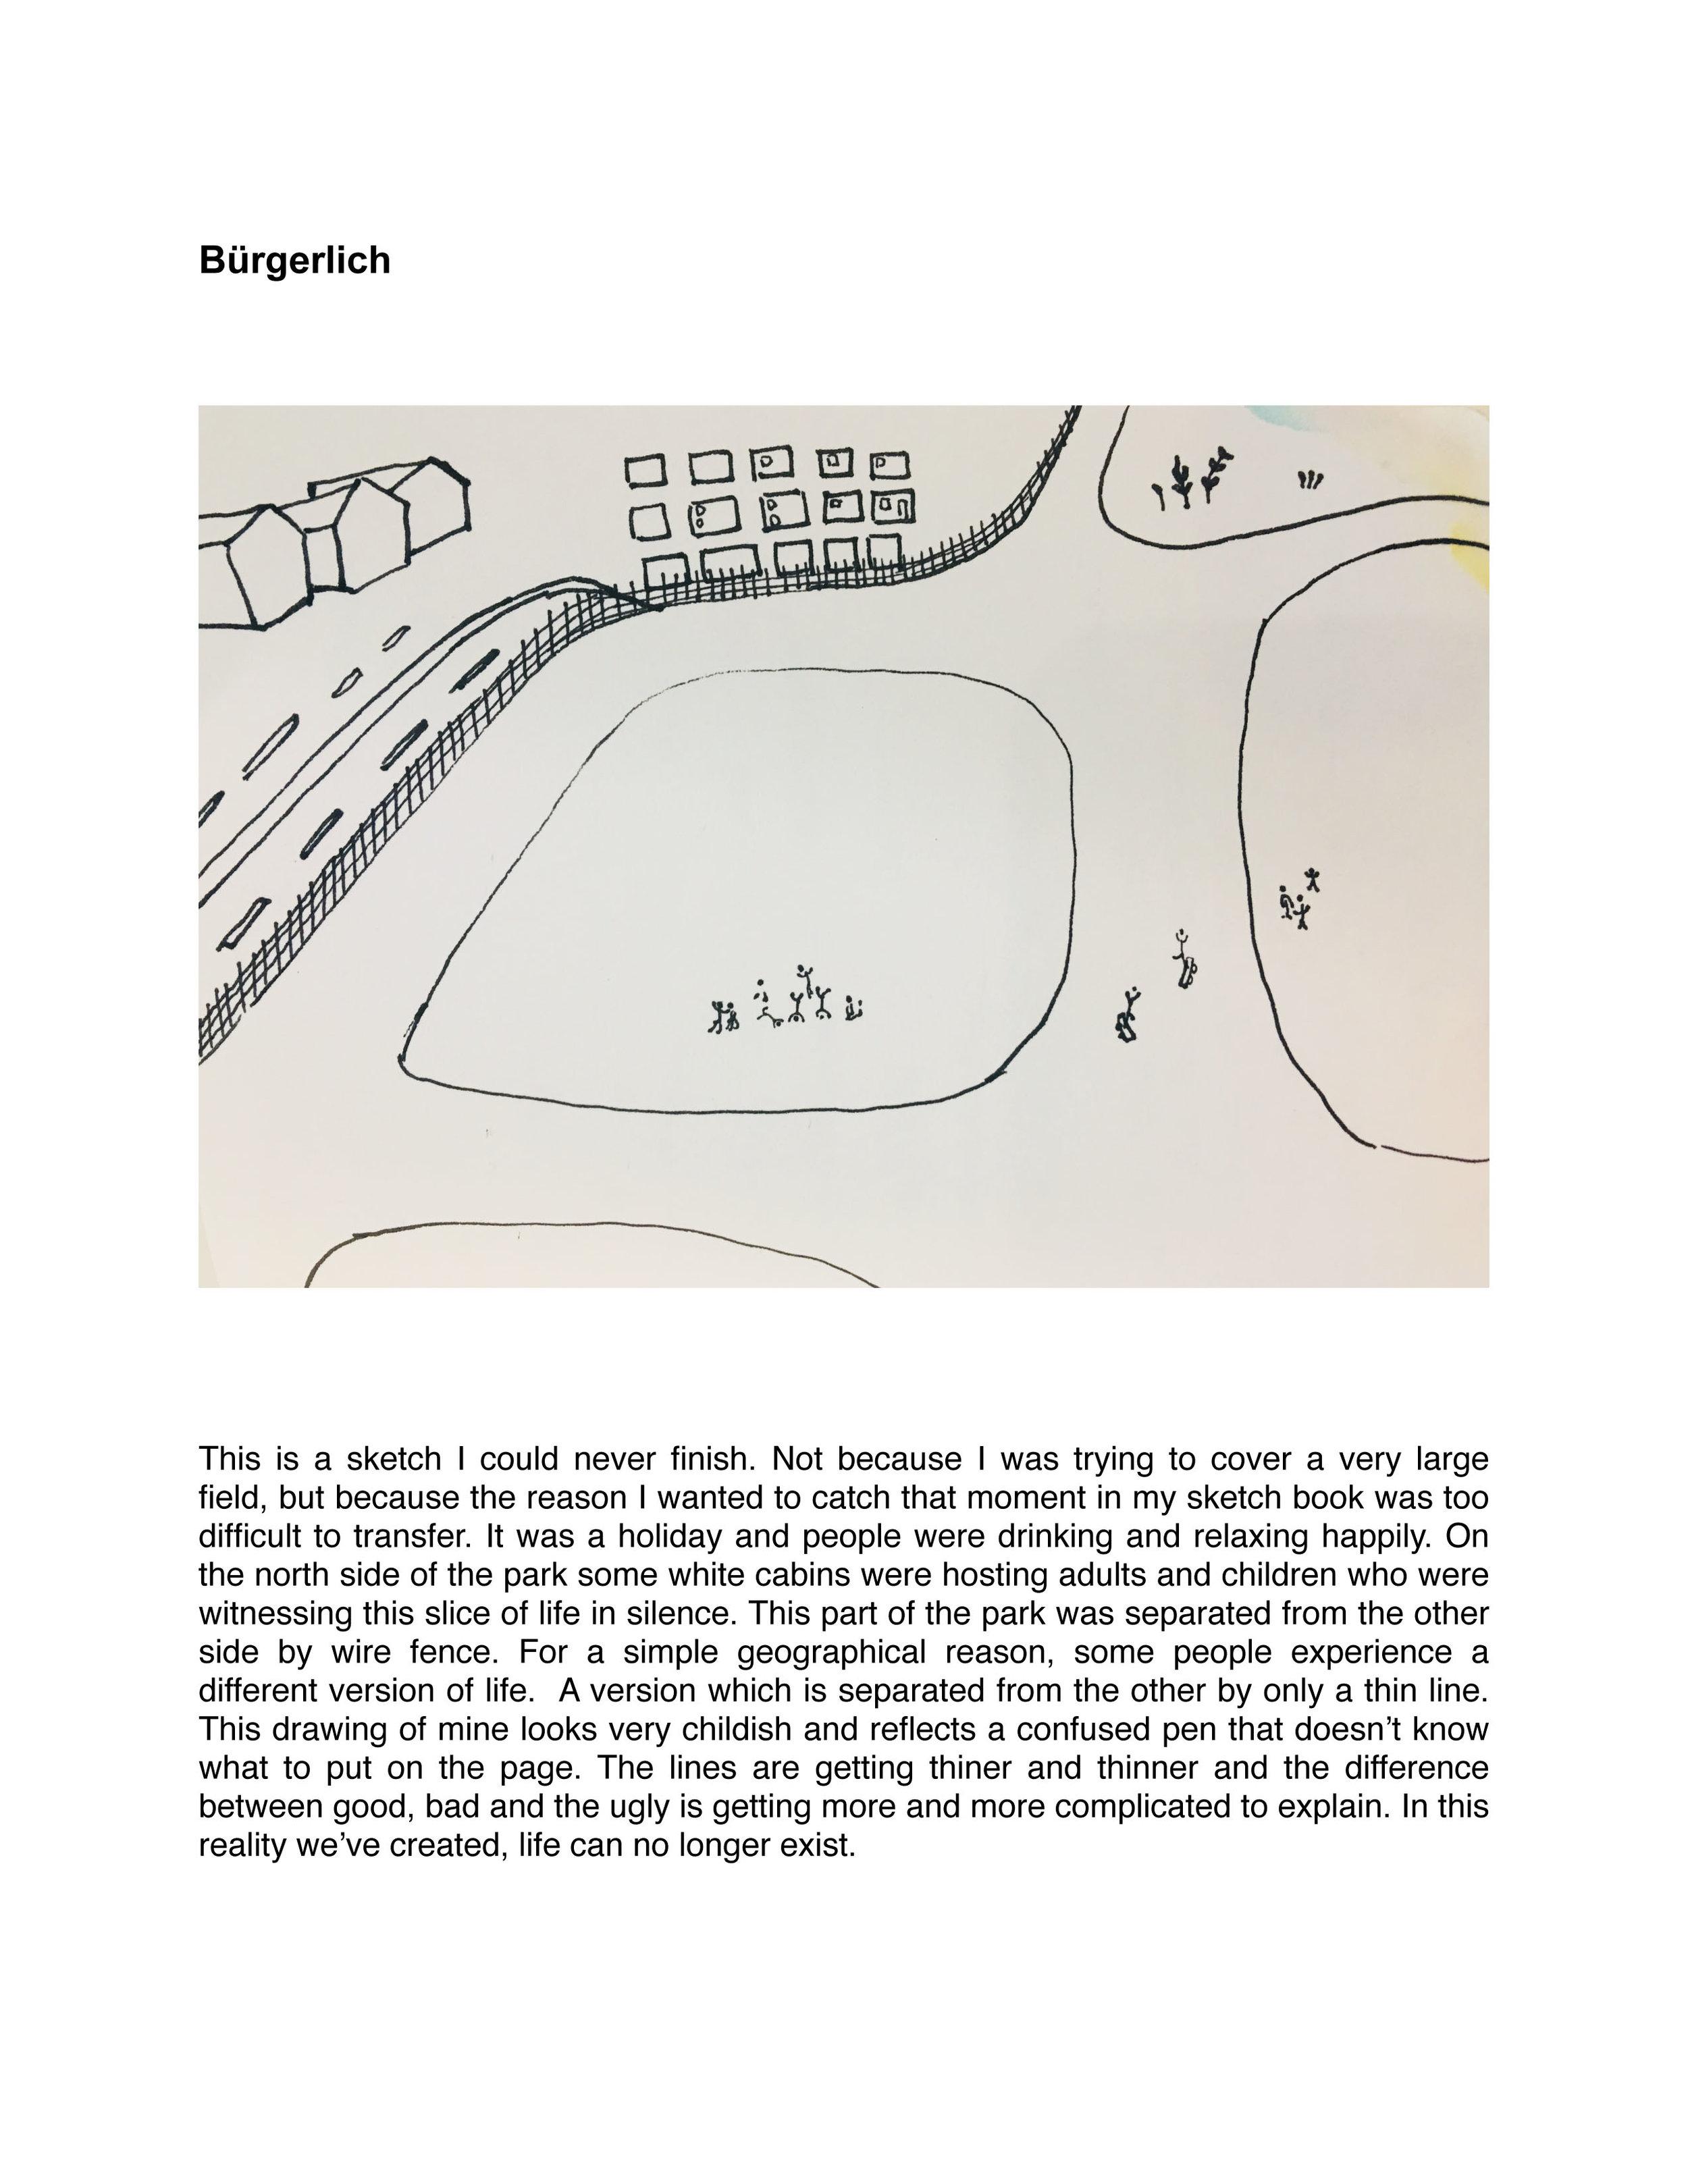 oberhausen-page9.jpg